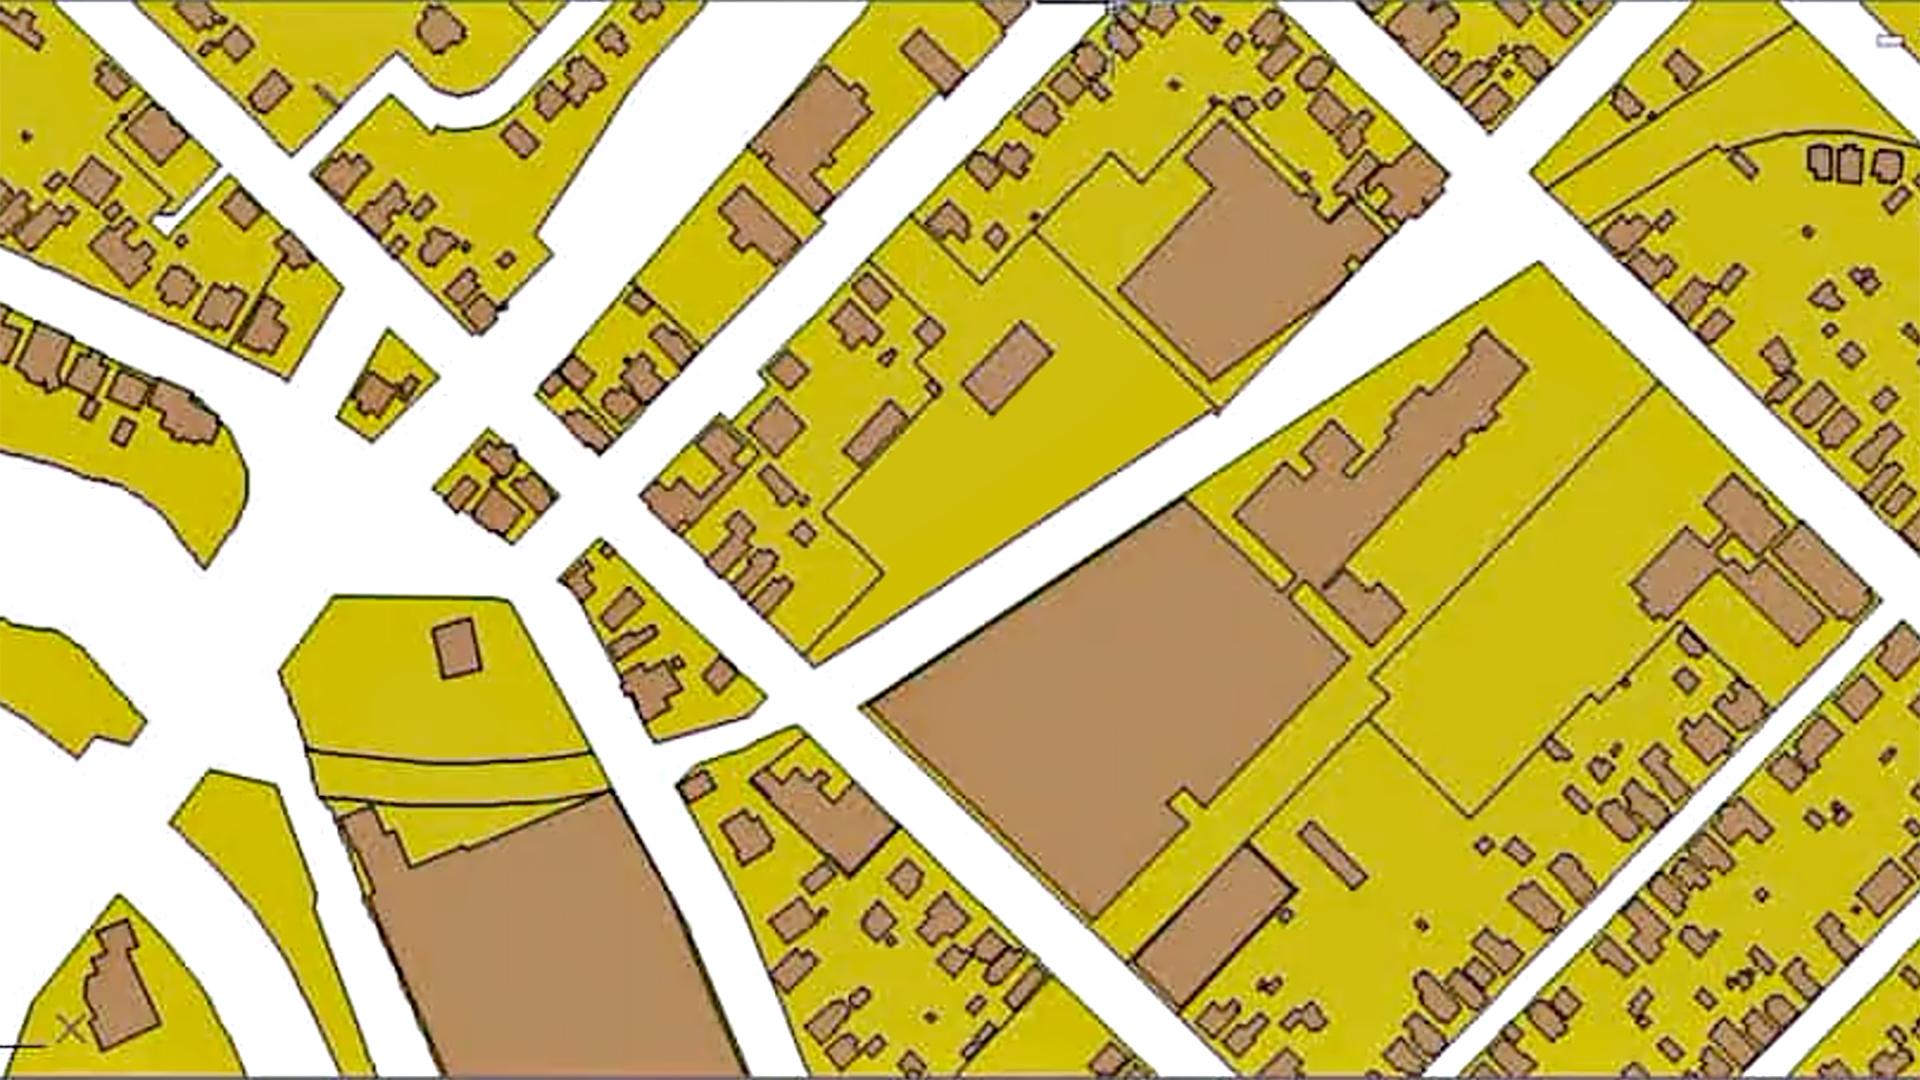 autocad map 3d essential training rh lynda com AutoCAD Logo AutoCAD Manual Icon